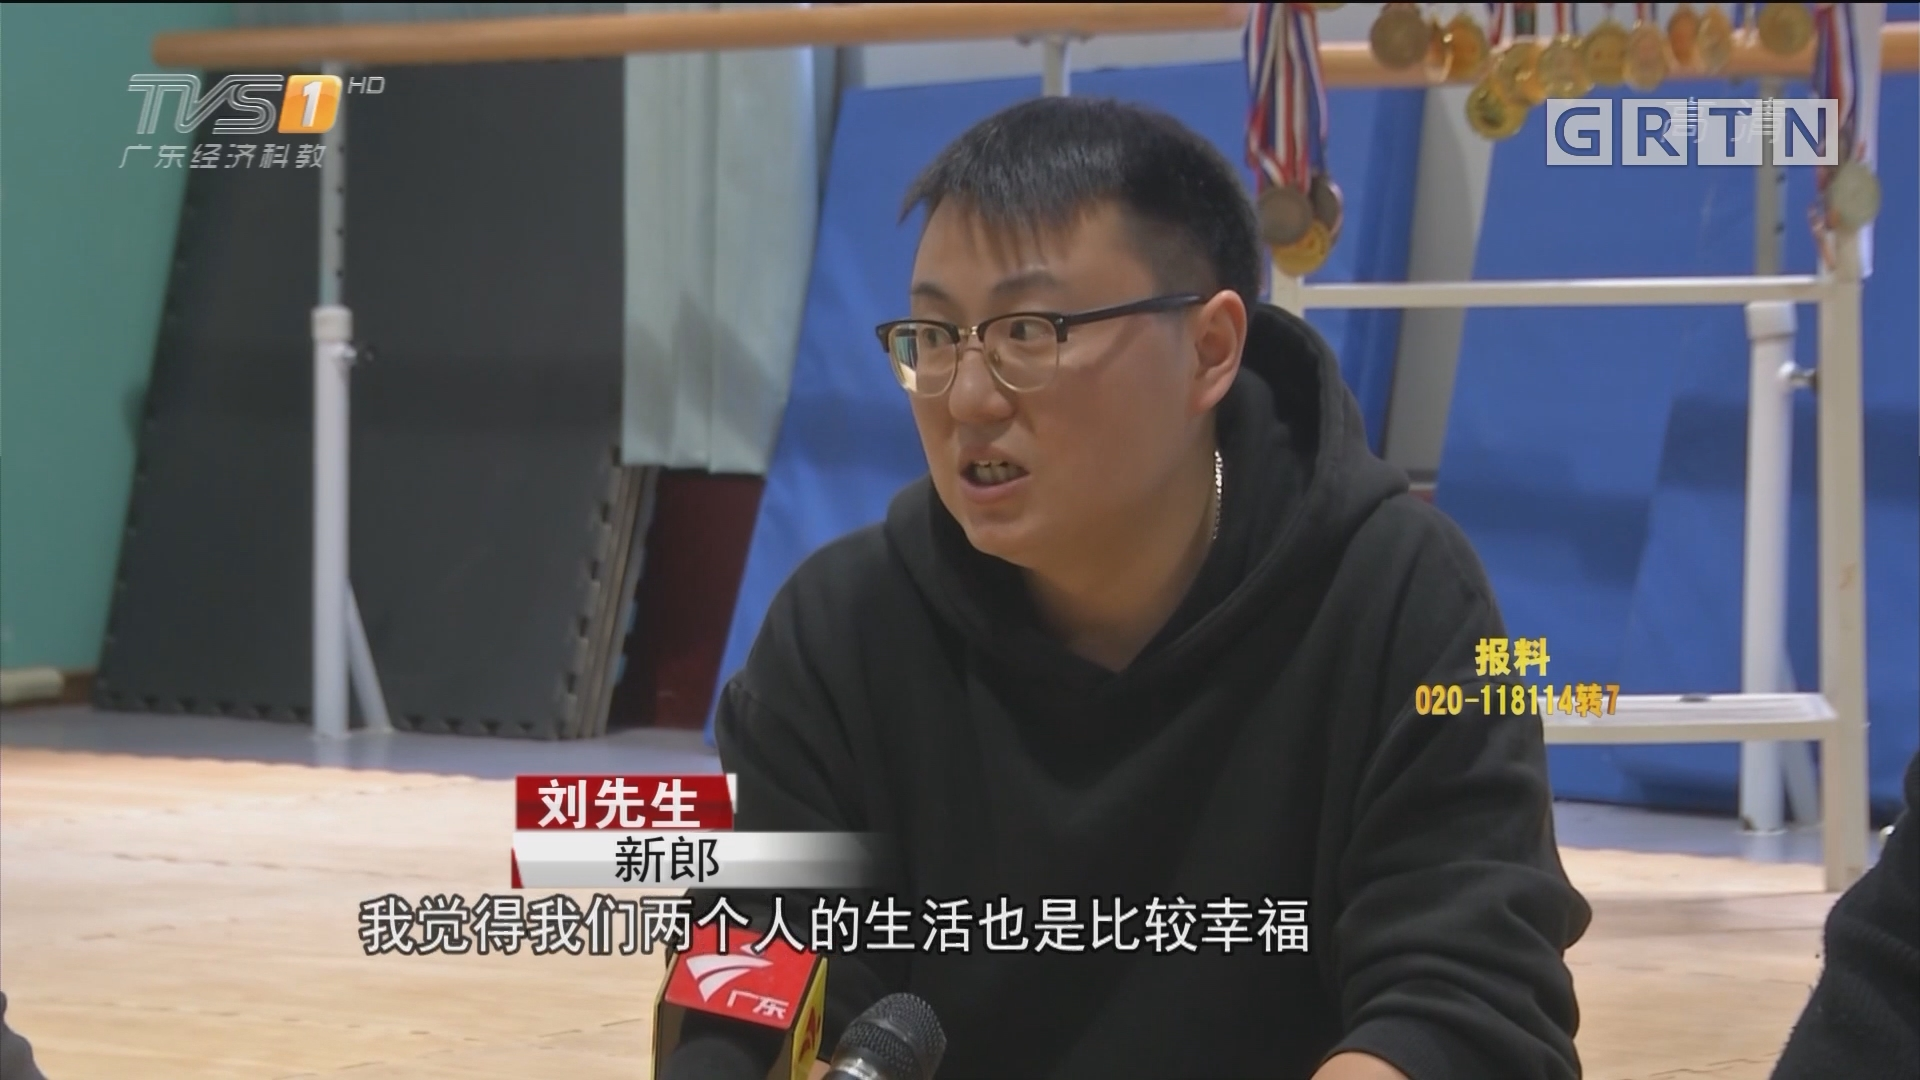 """深圳福田:新郎飞踢新娘劈板 婚礼大秀""""才艺"""""""